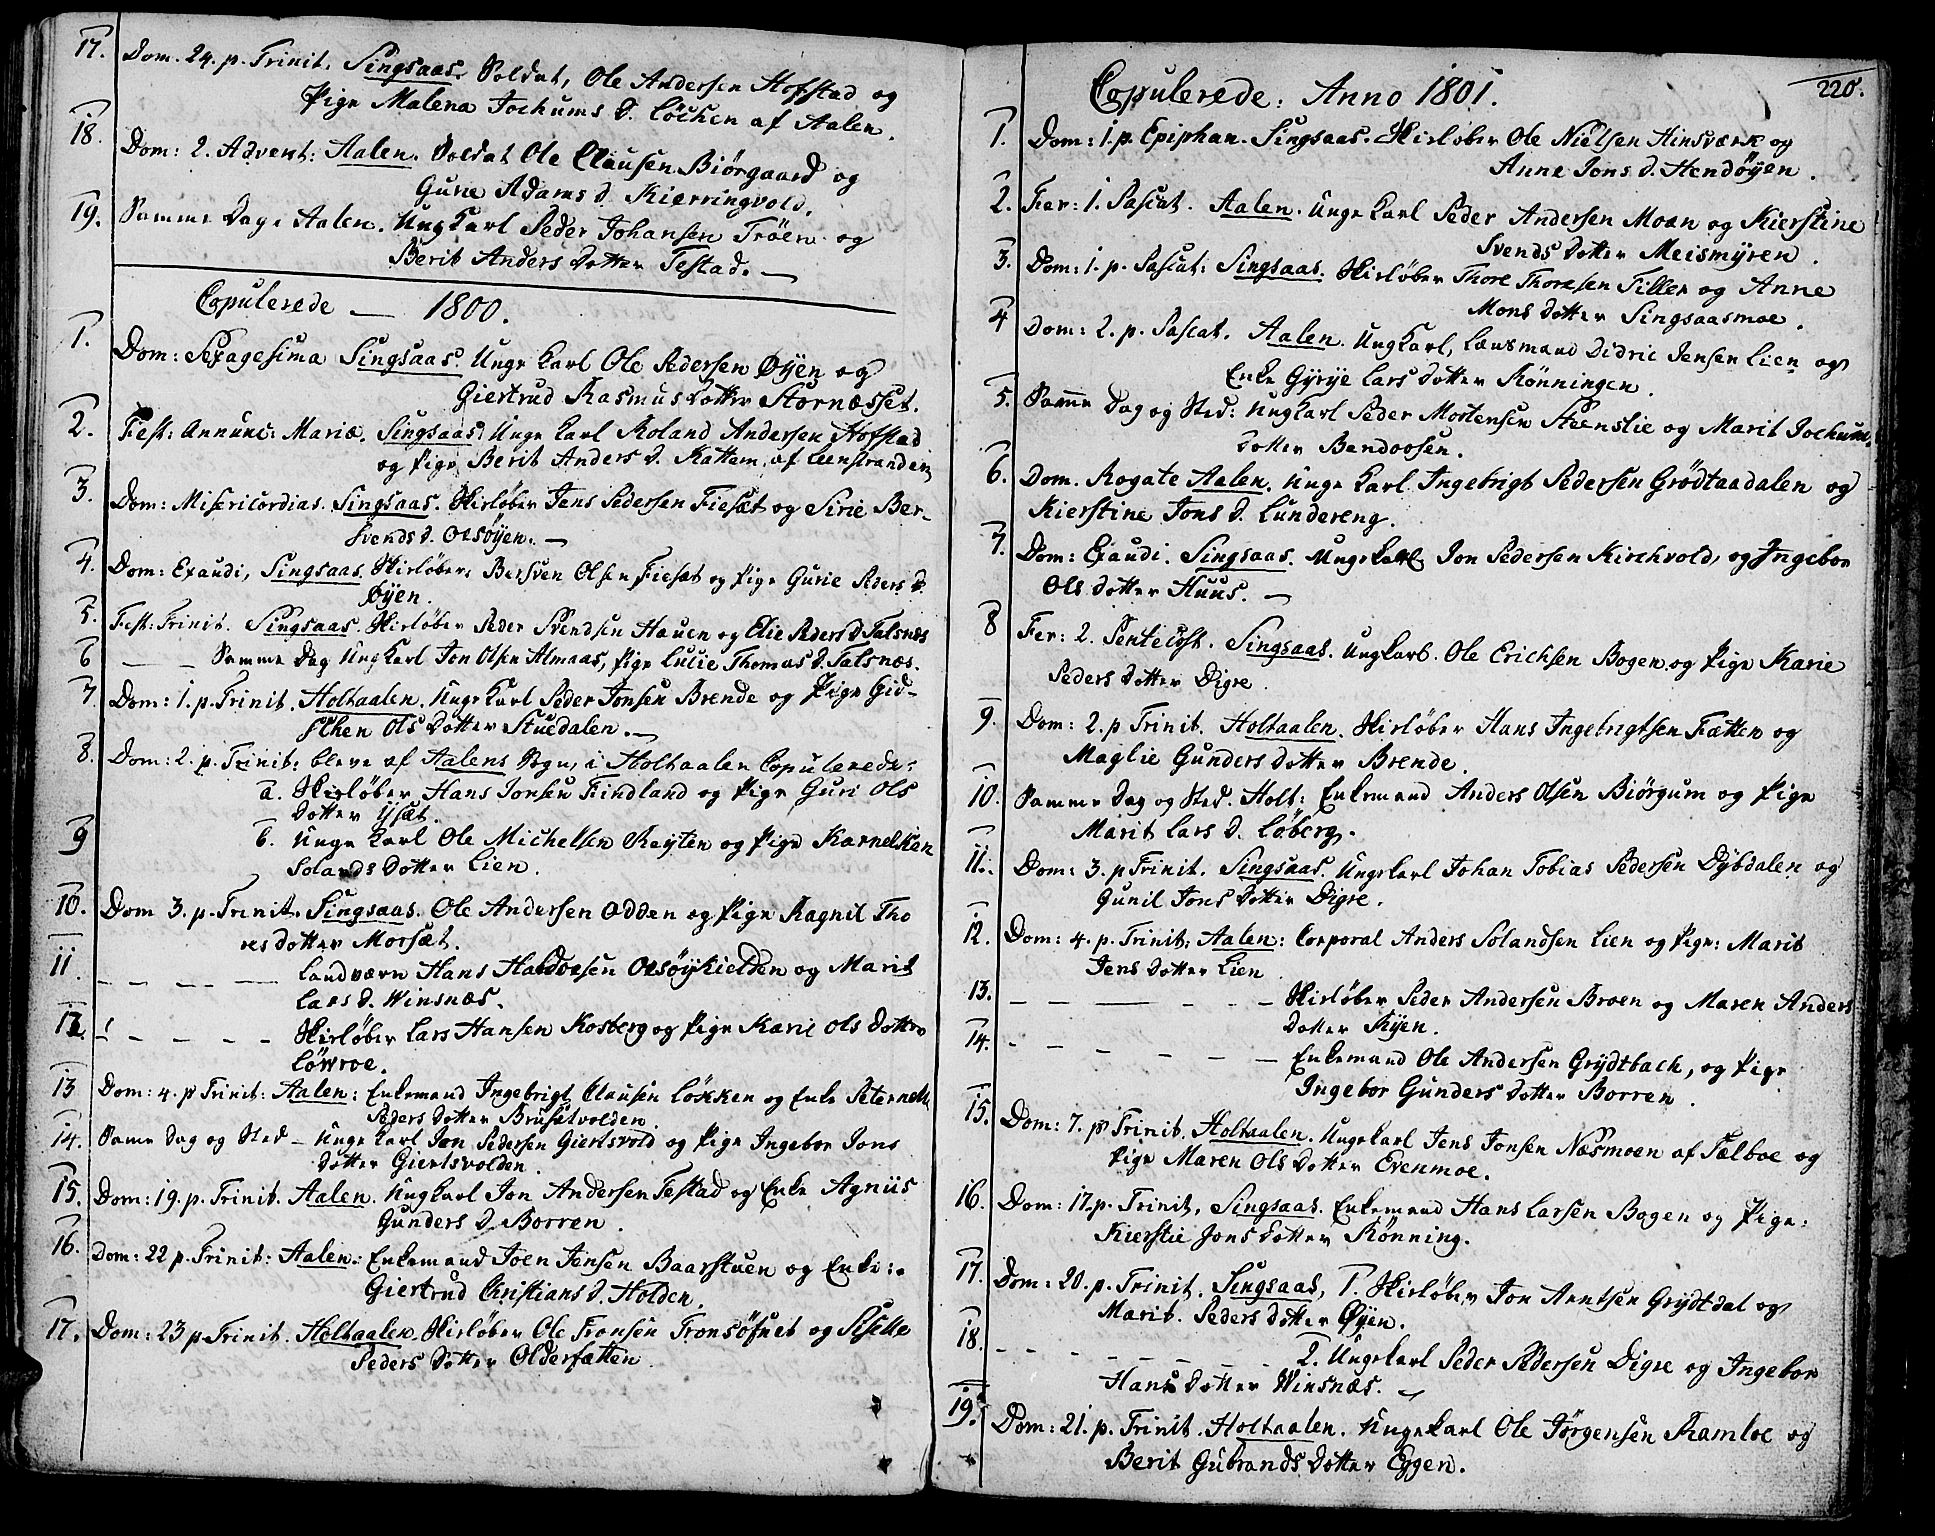 SAT, Ministerialprotokoller, klokkerbøker og fødselsregistre - Sør-Trøndelag, 685/L0952: Ministerialbok nr. 685A01, 1745-1804, s. 220